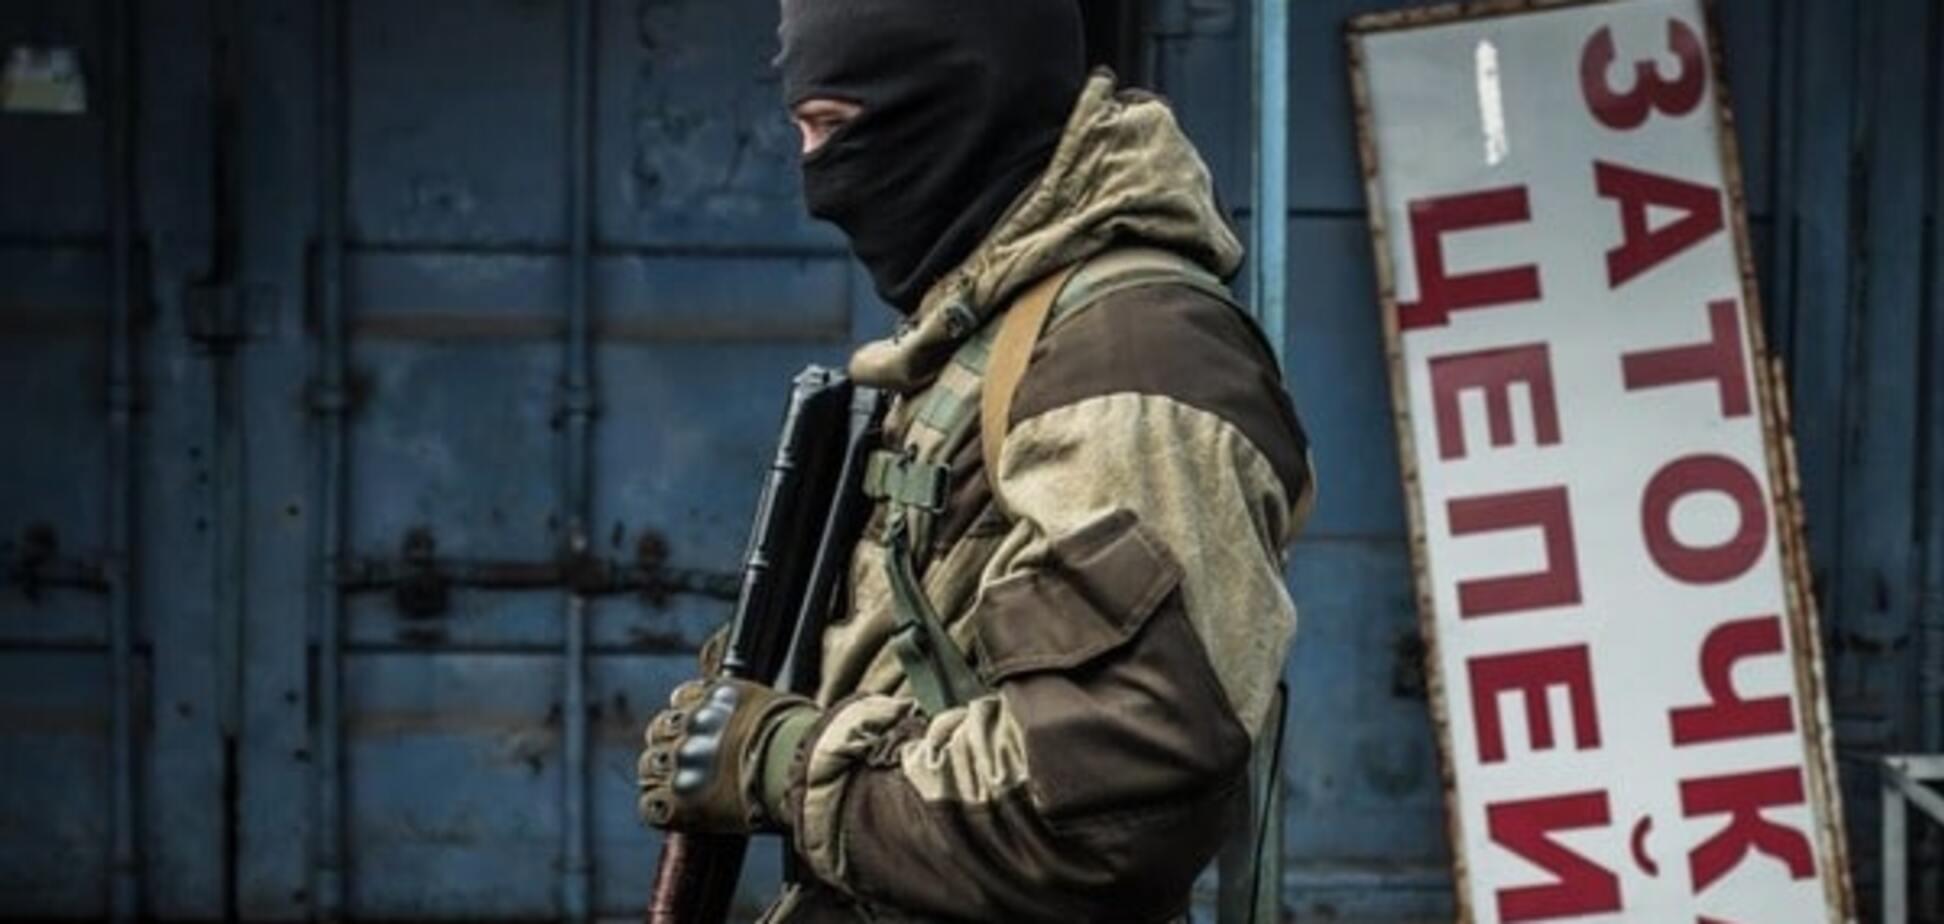 Терористи 'ДНР' зайнялися викраданнями мирних жителів - розвідка